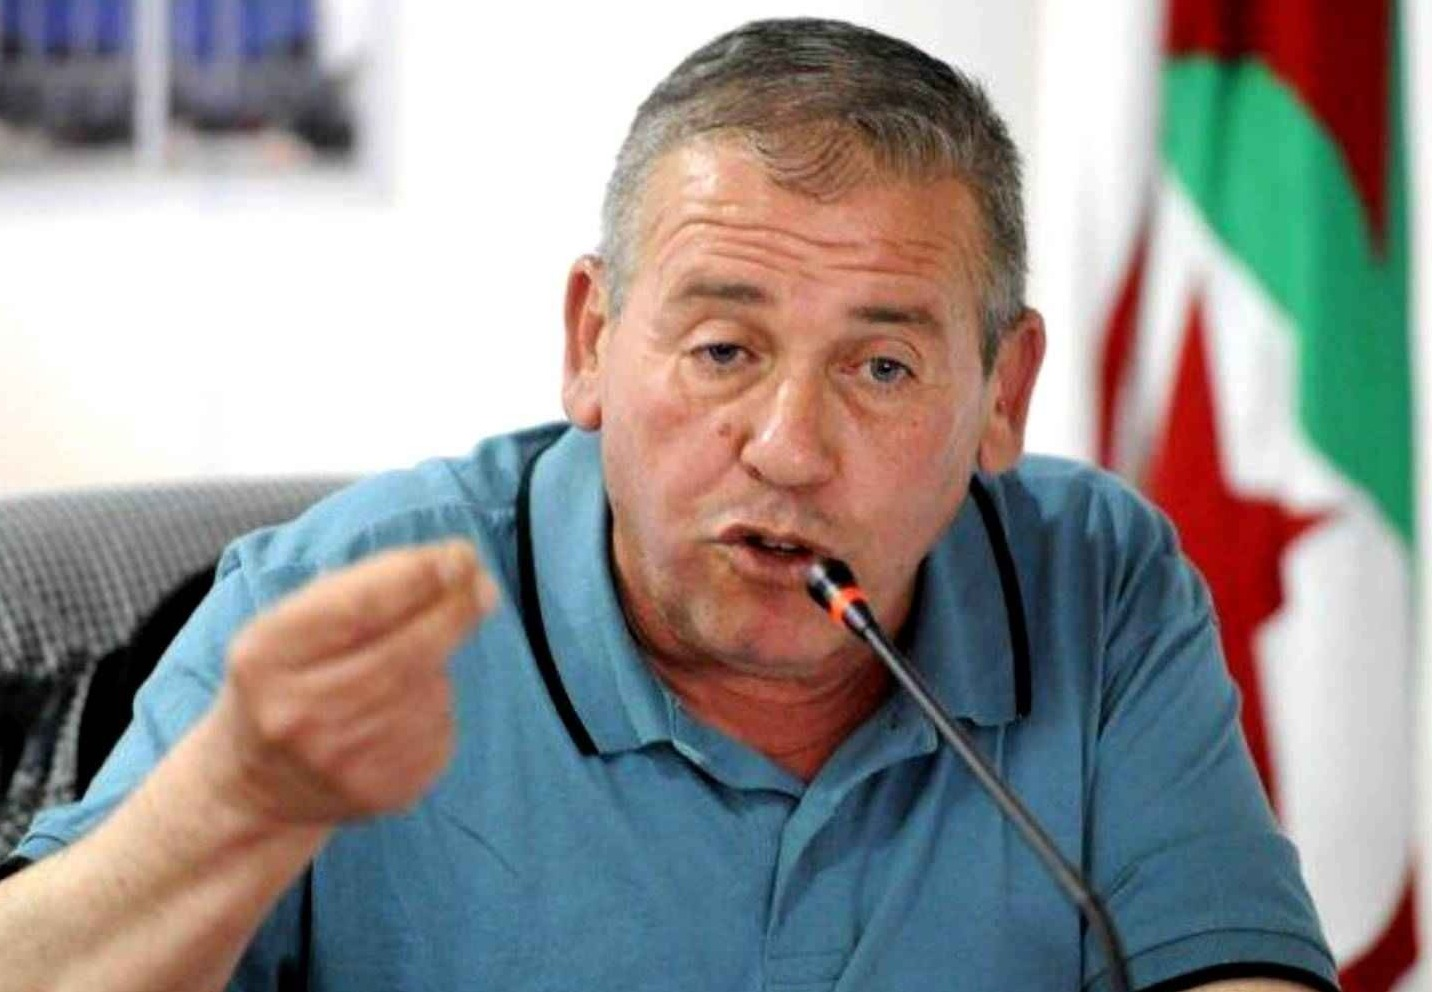 Djamel Zenati